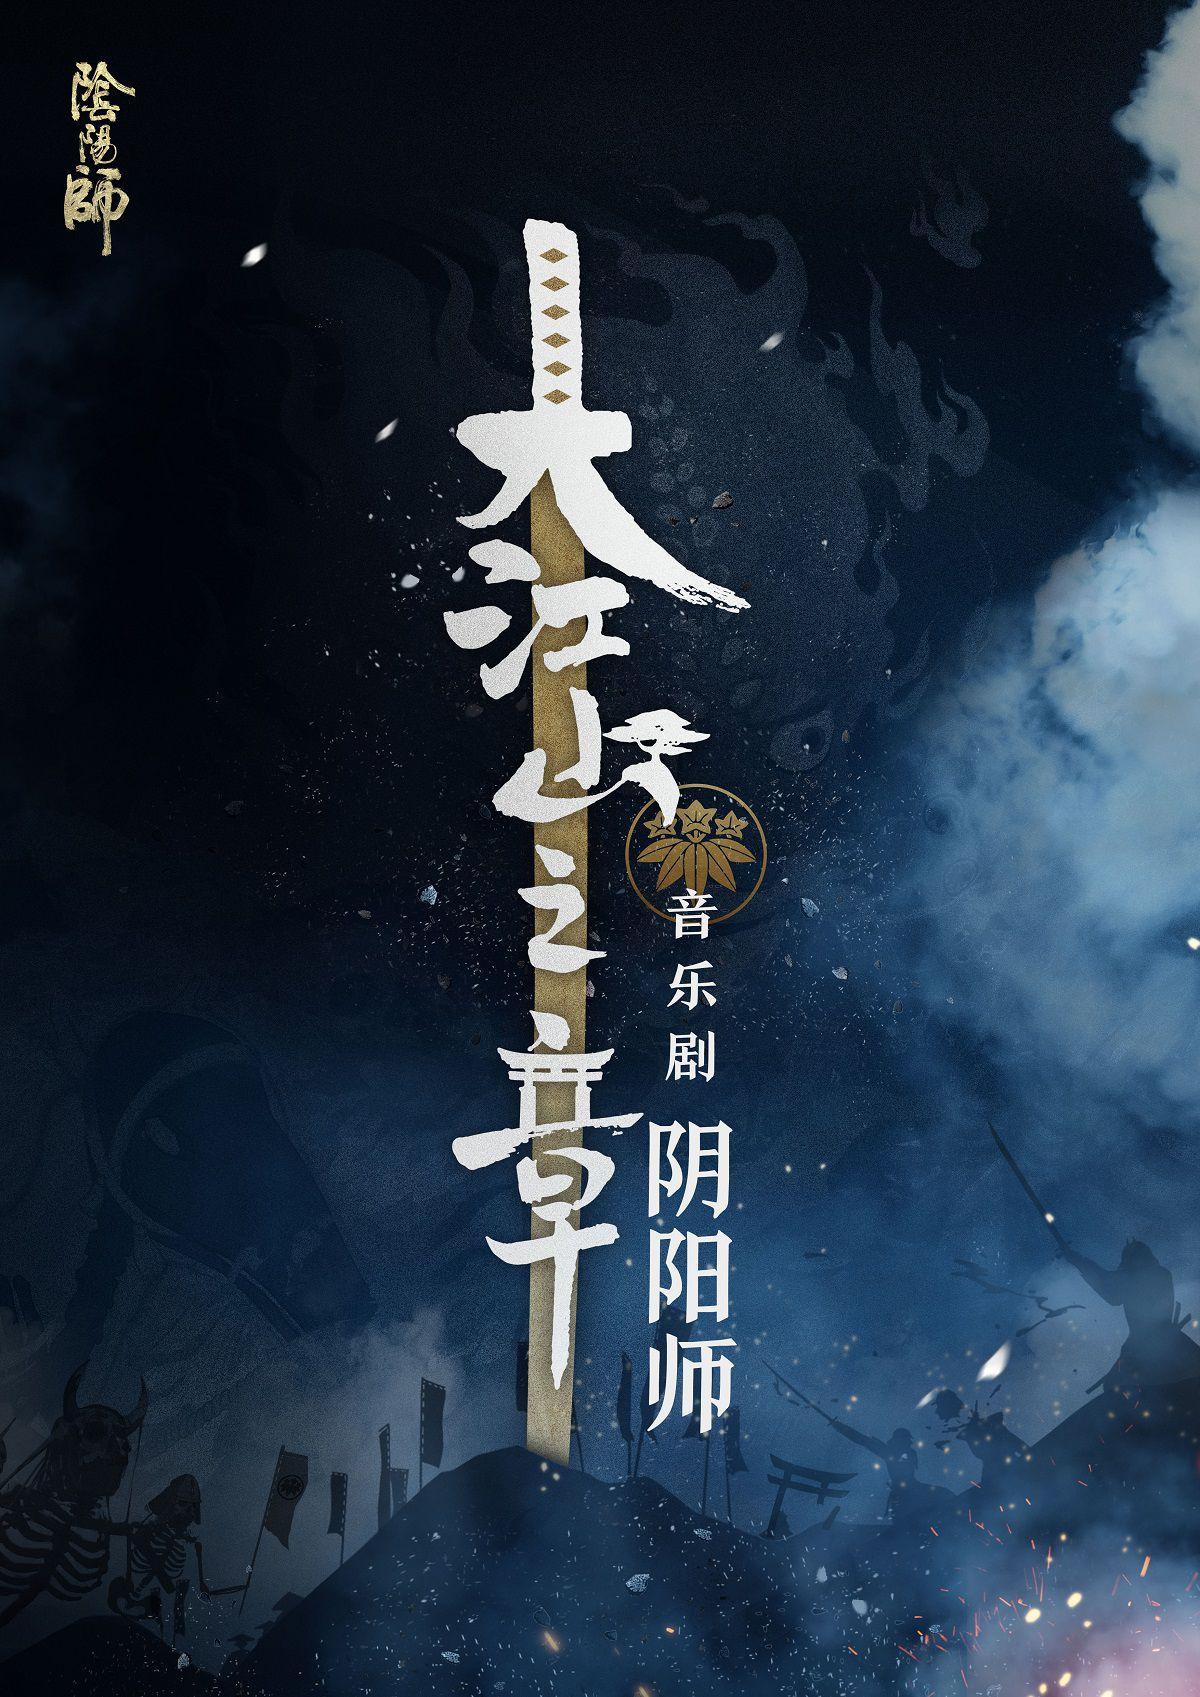 《阴阳师》音乐剧第二季巡演决定